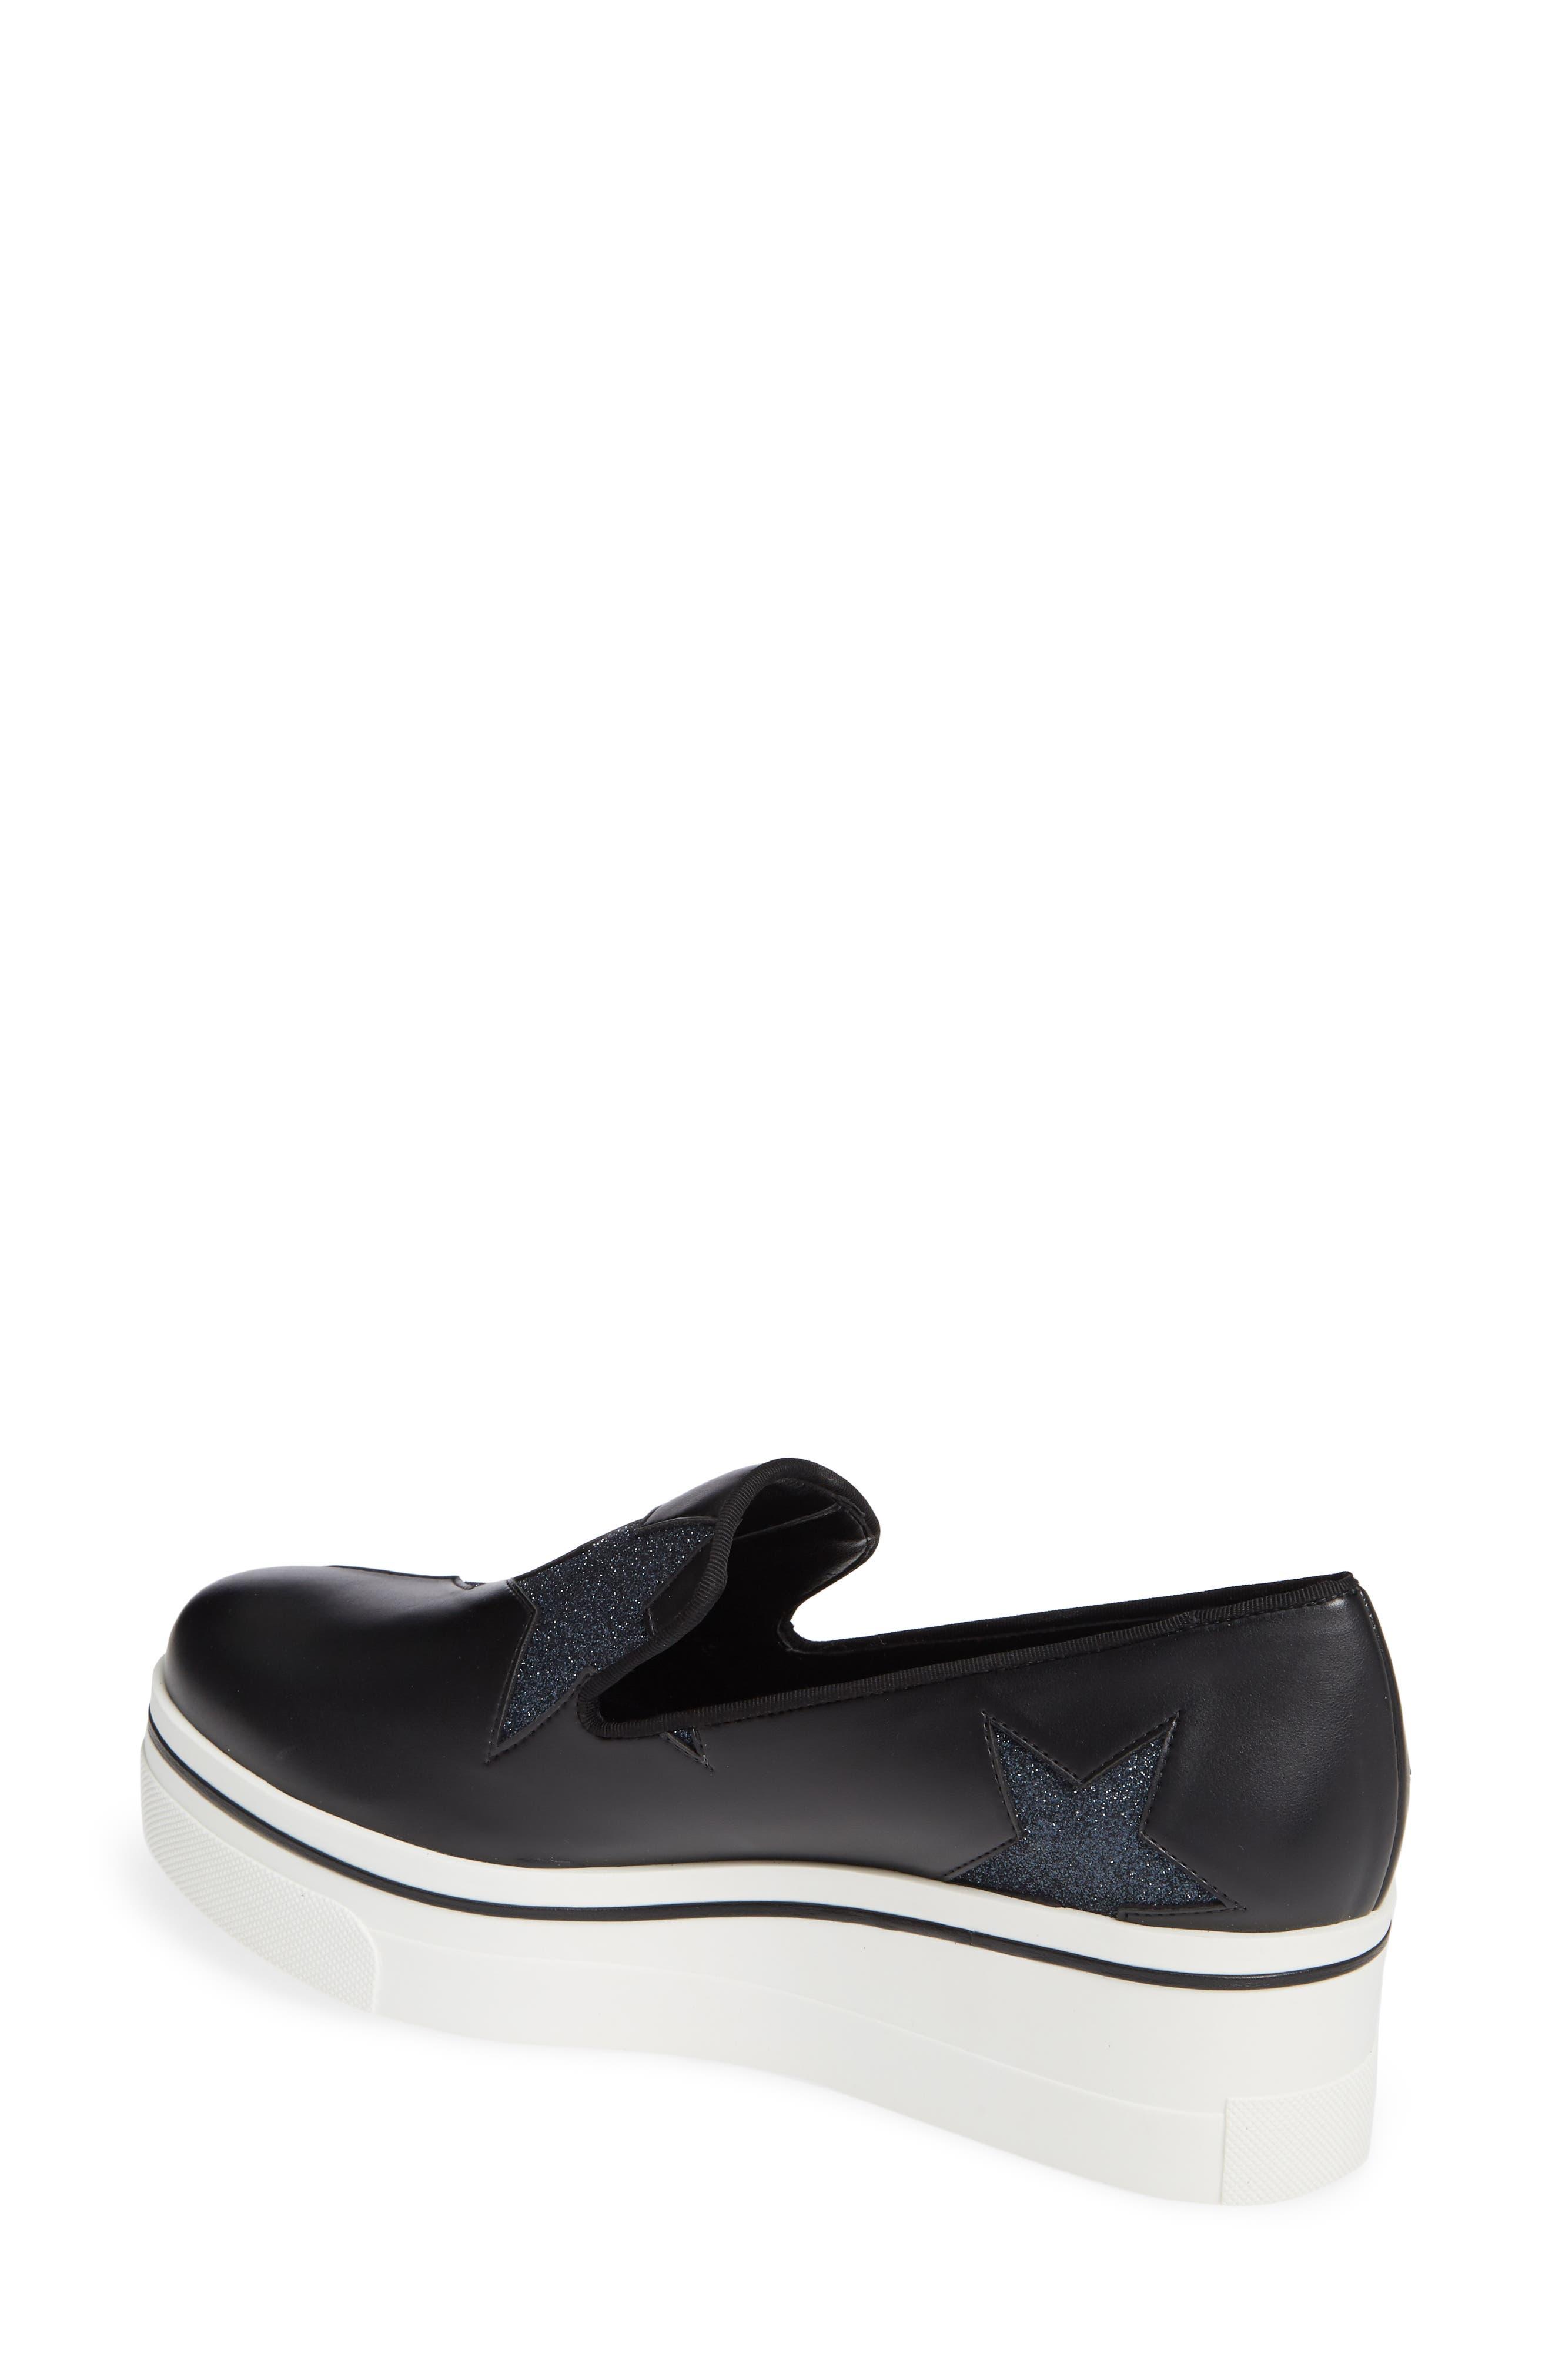 Binx Stars Slip-On Platform Sneaker,                             Alternate thumbnail 2, color,                             019